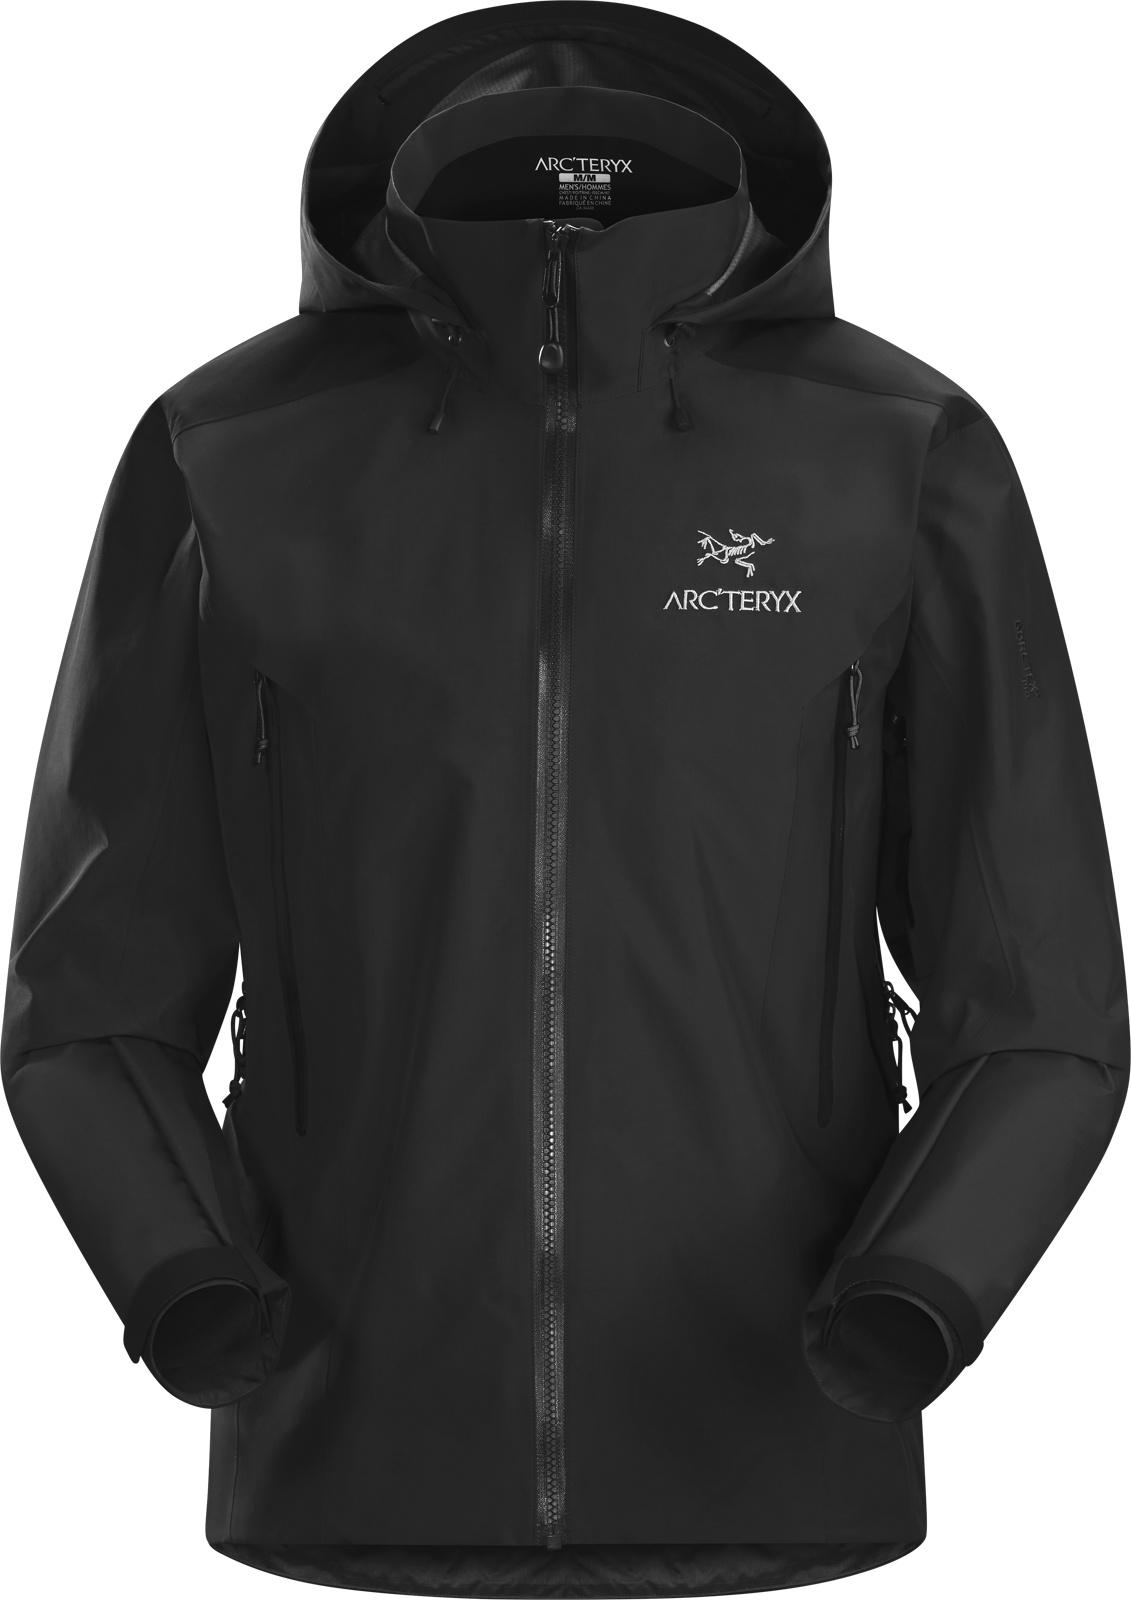 Arcteryx Beta AR Jacket Men's Black-30